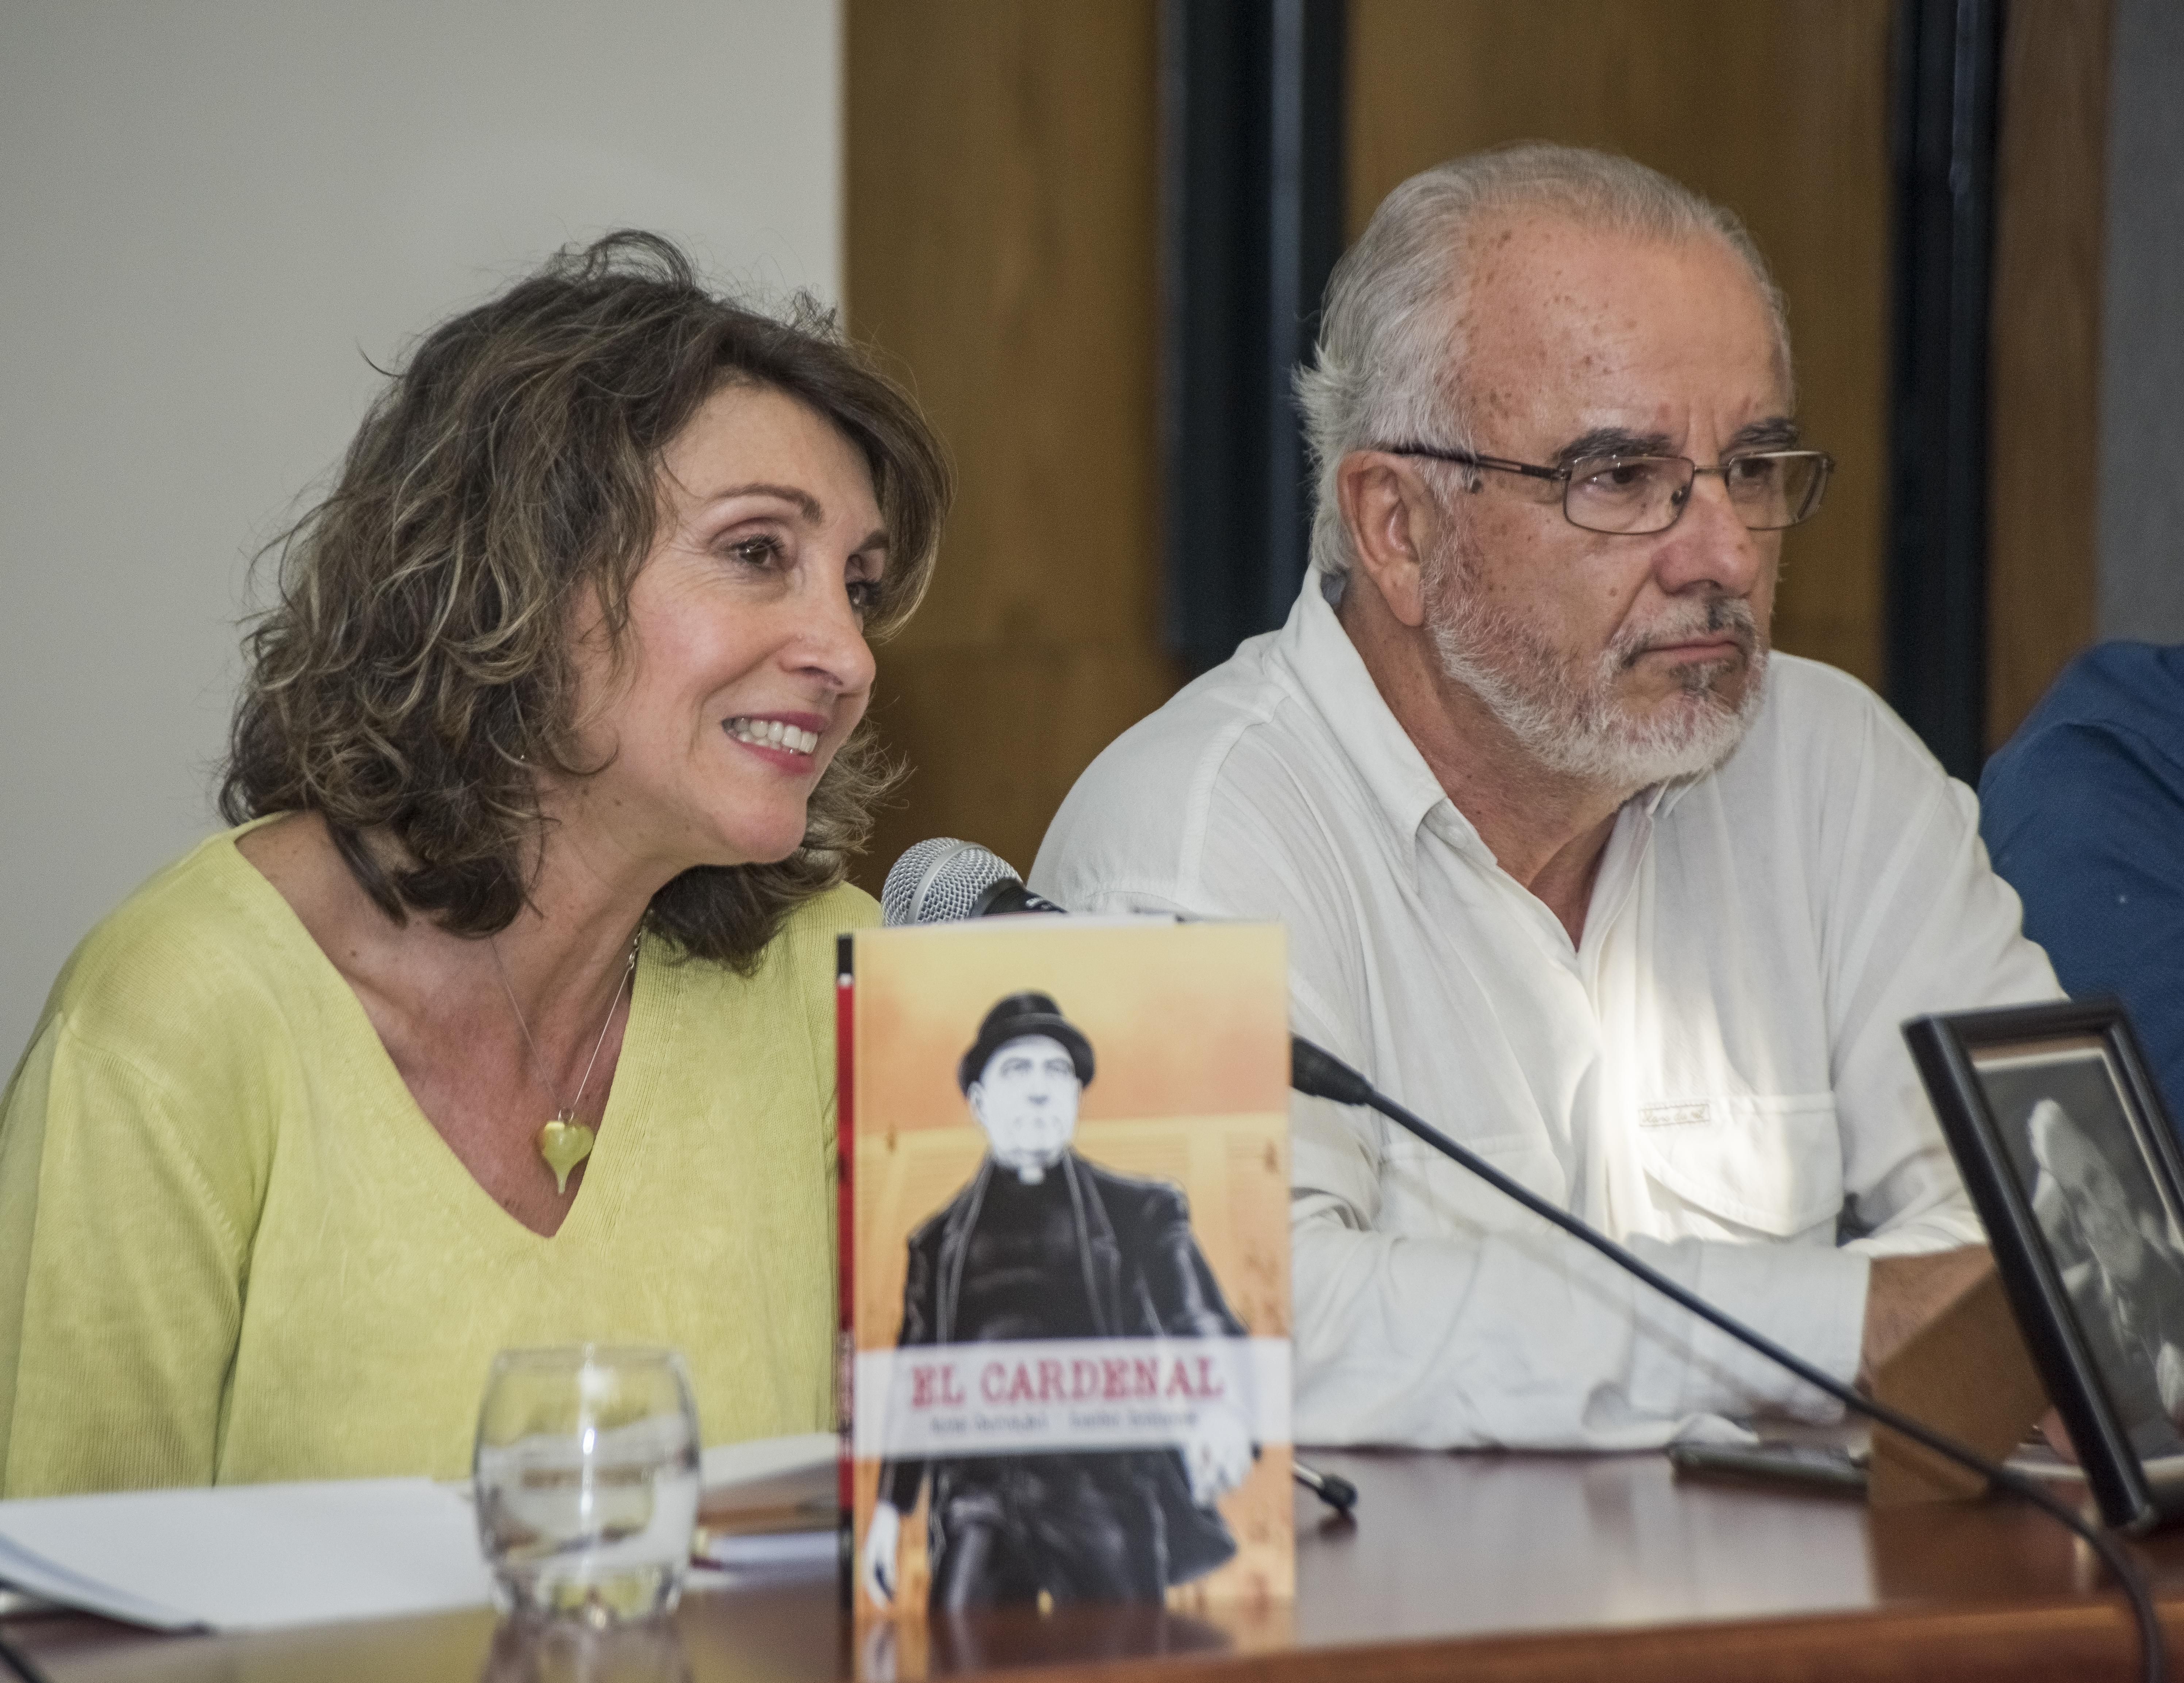 ¿Qué habría dicho el Cardenal Raúl Silva Henríquez hoy?